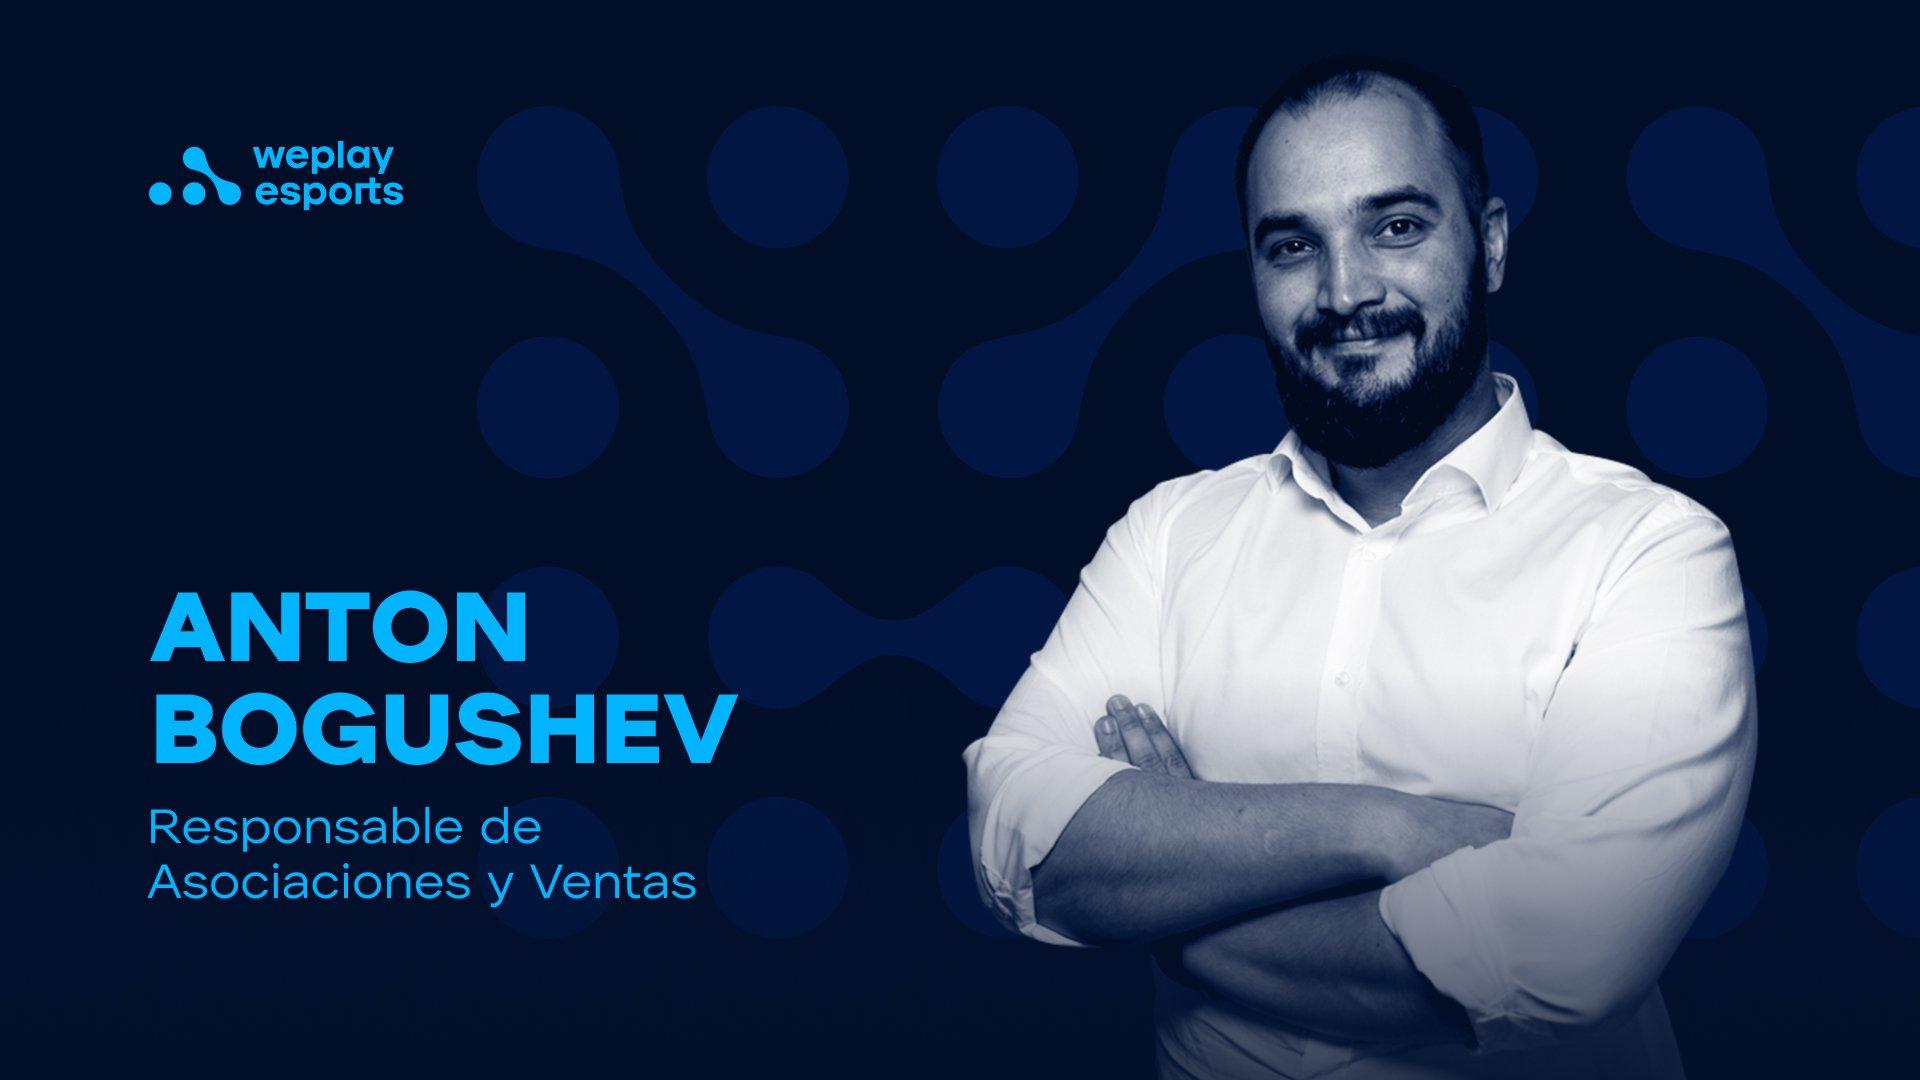 Anton Bogushev es el nuevo responsable de asociaciones y ventas en WePlay Holding